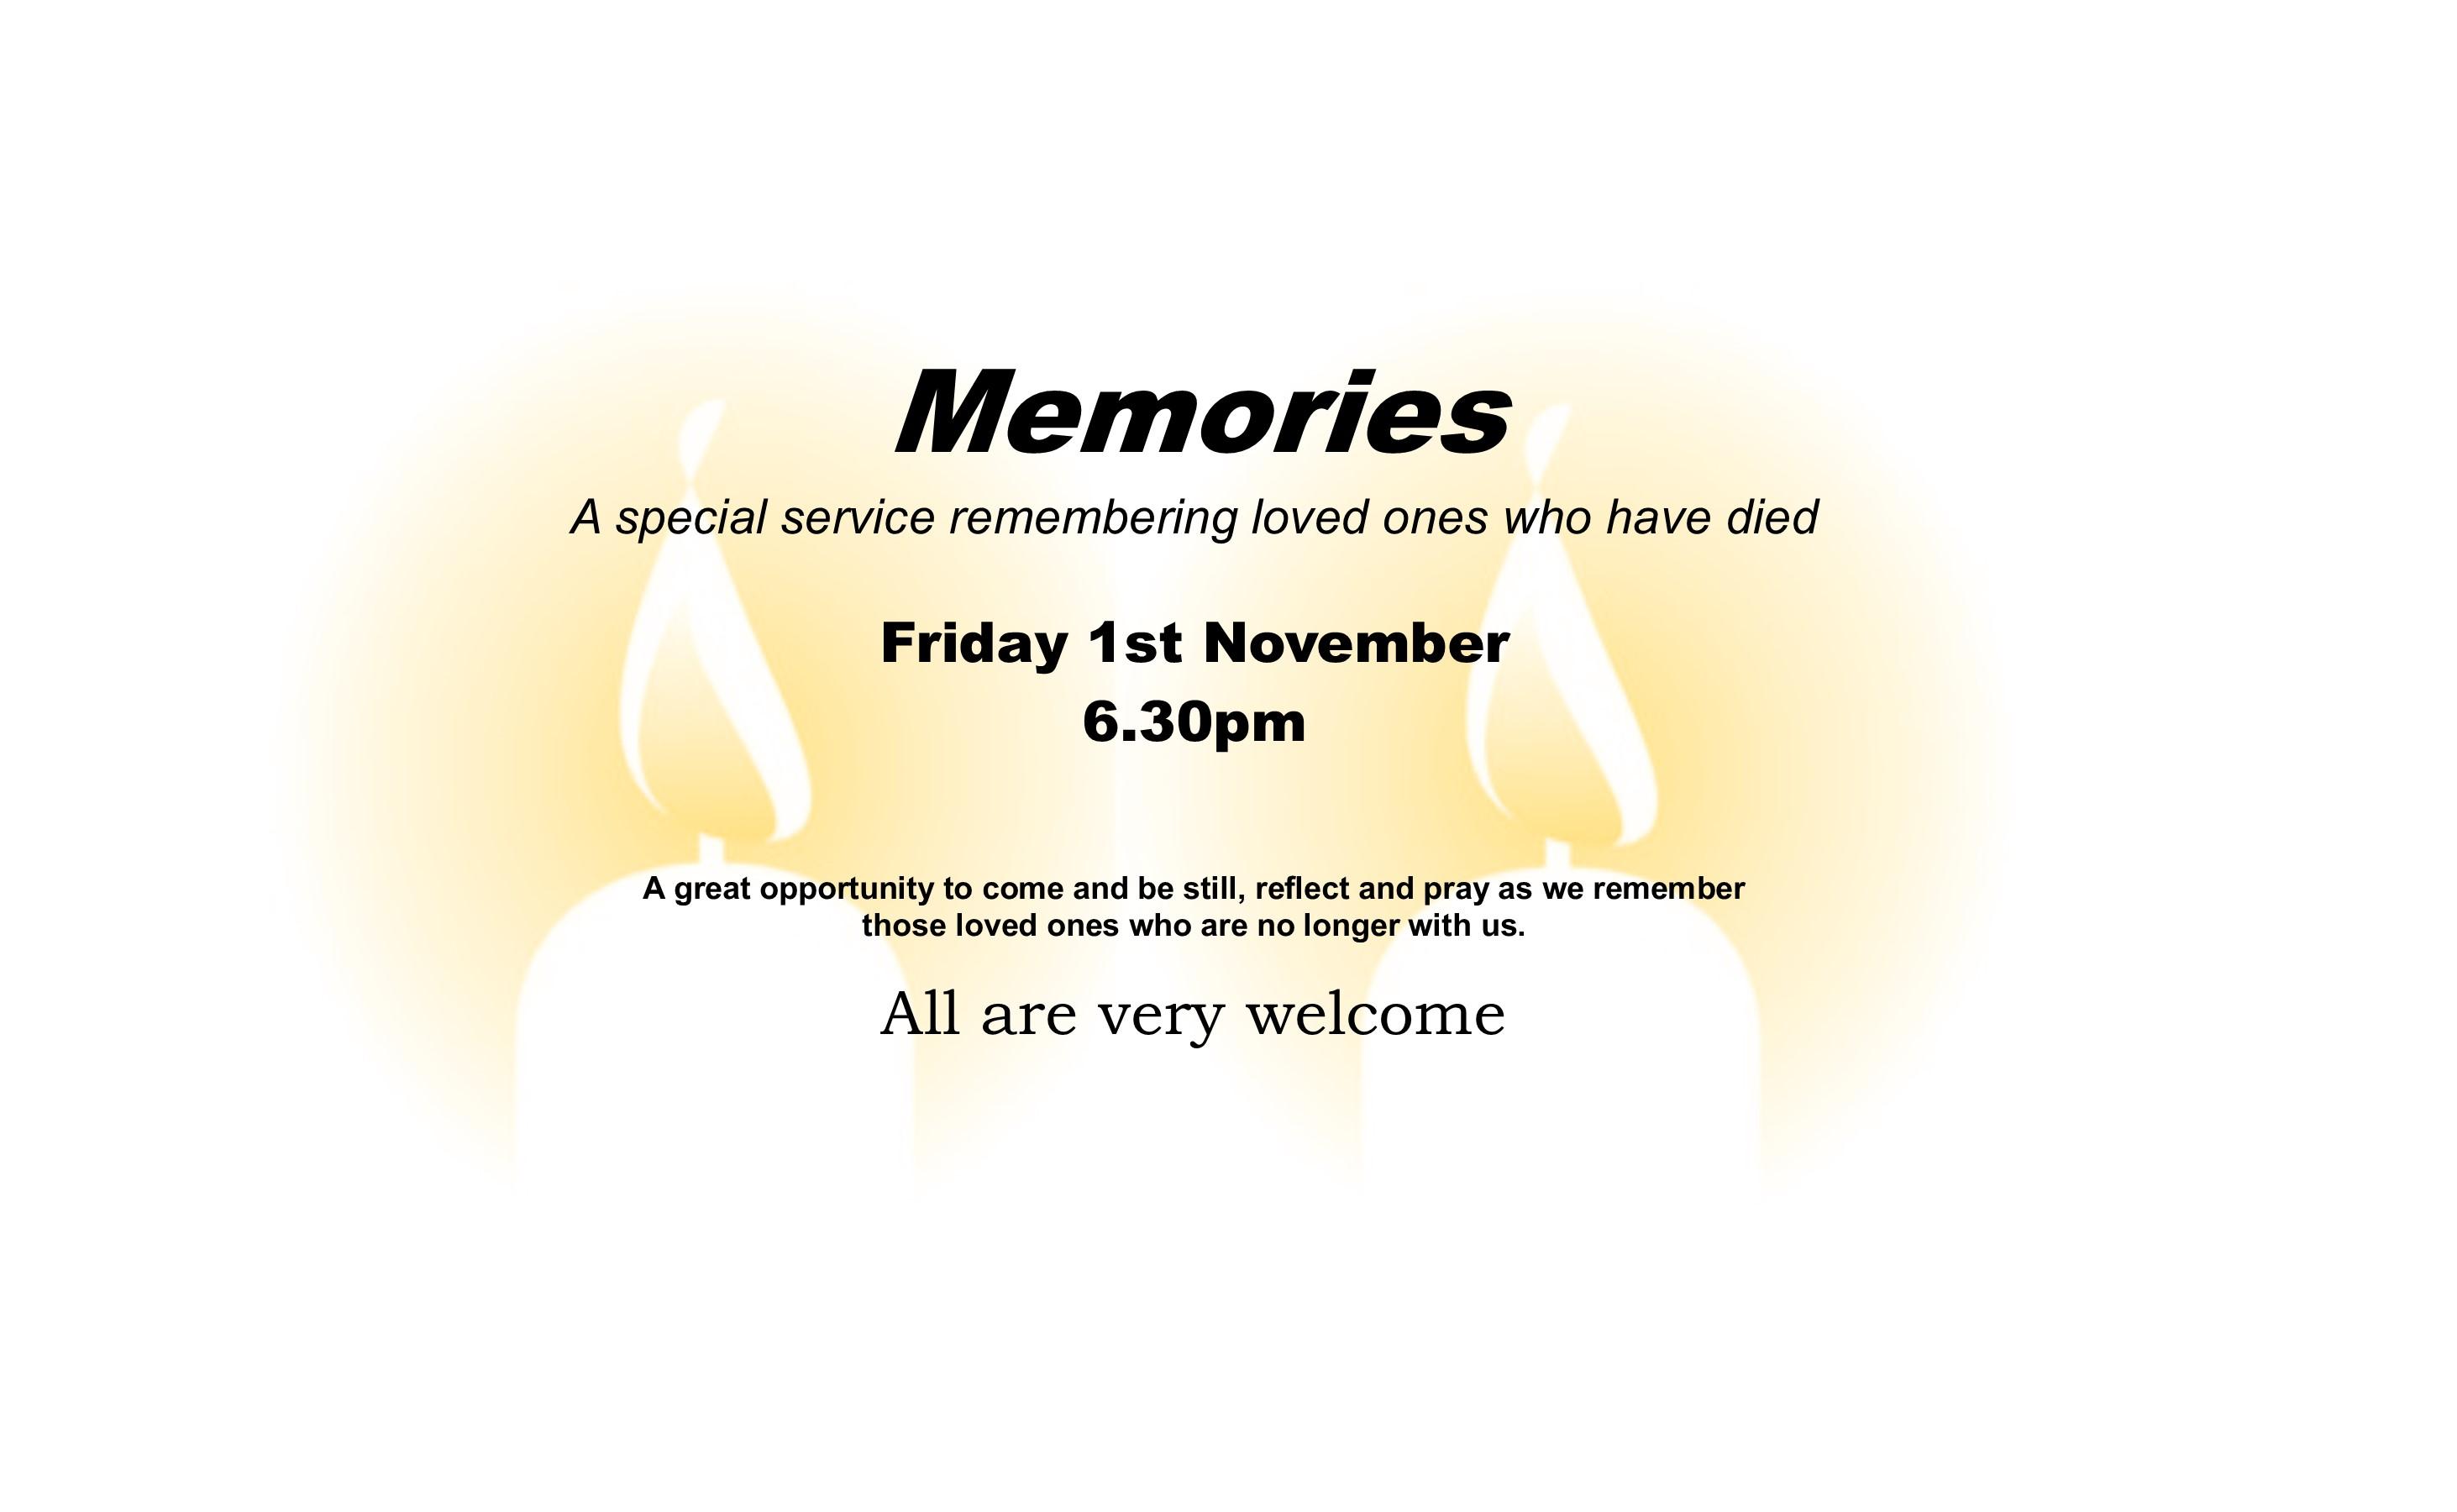 Memories service